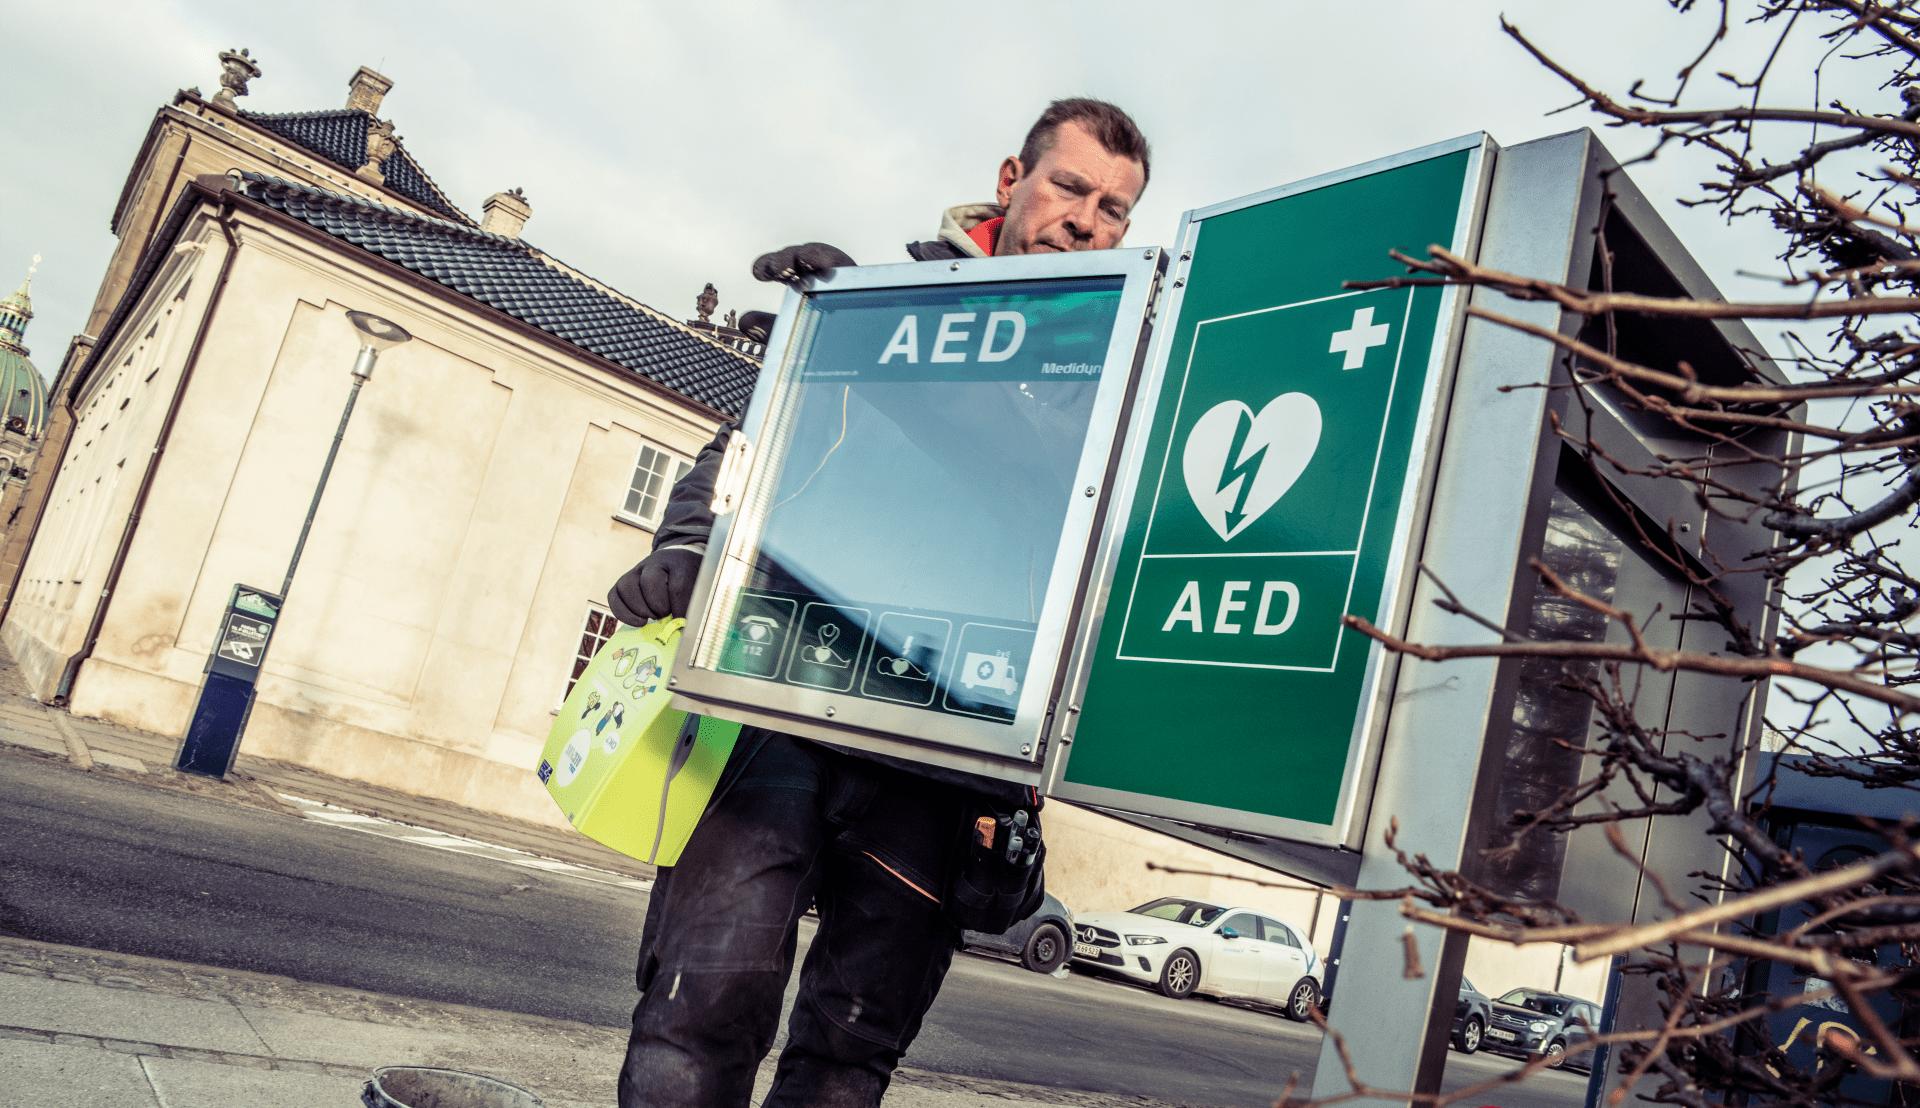 Opsaetning af en hjertestarter i Randers